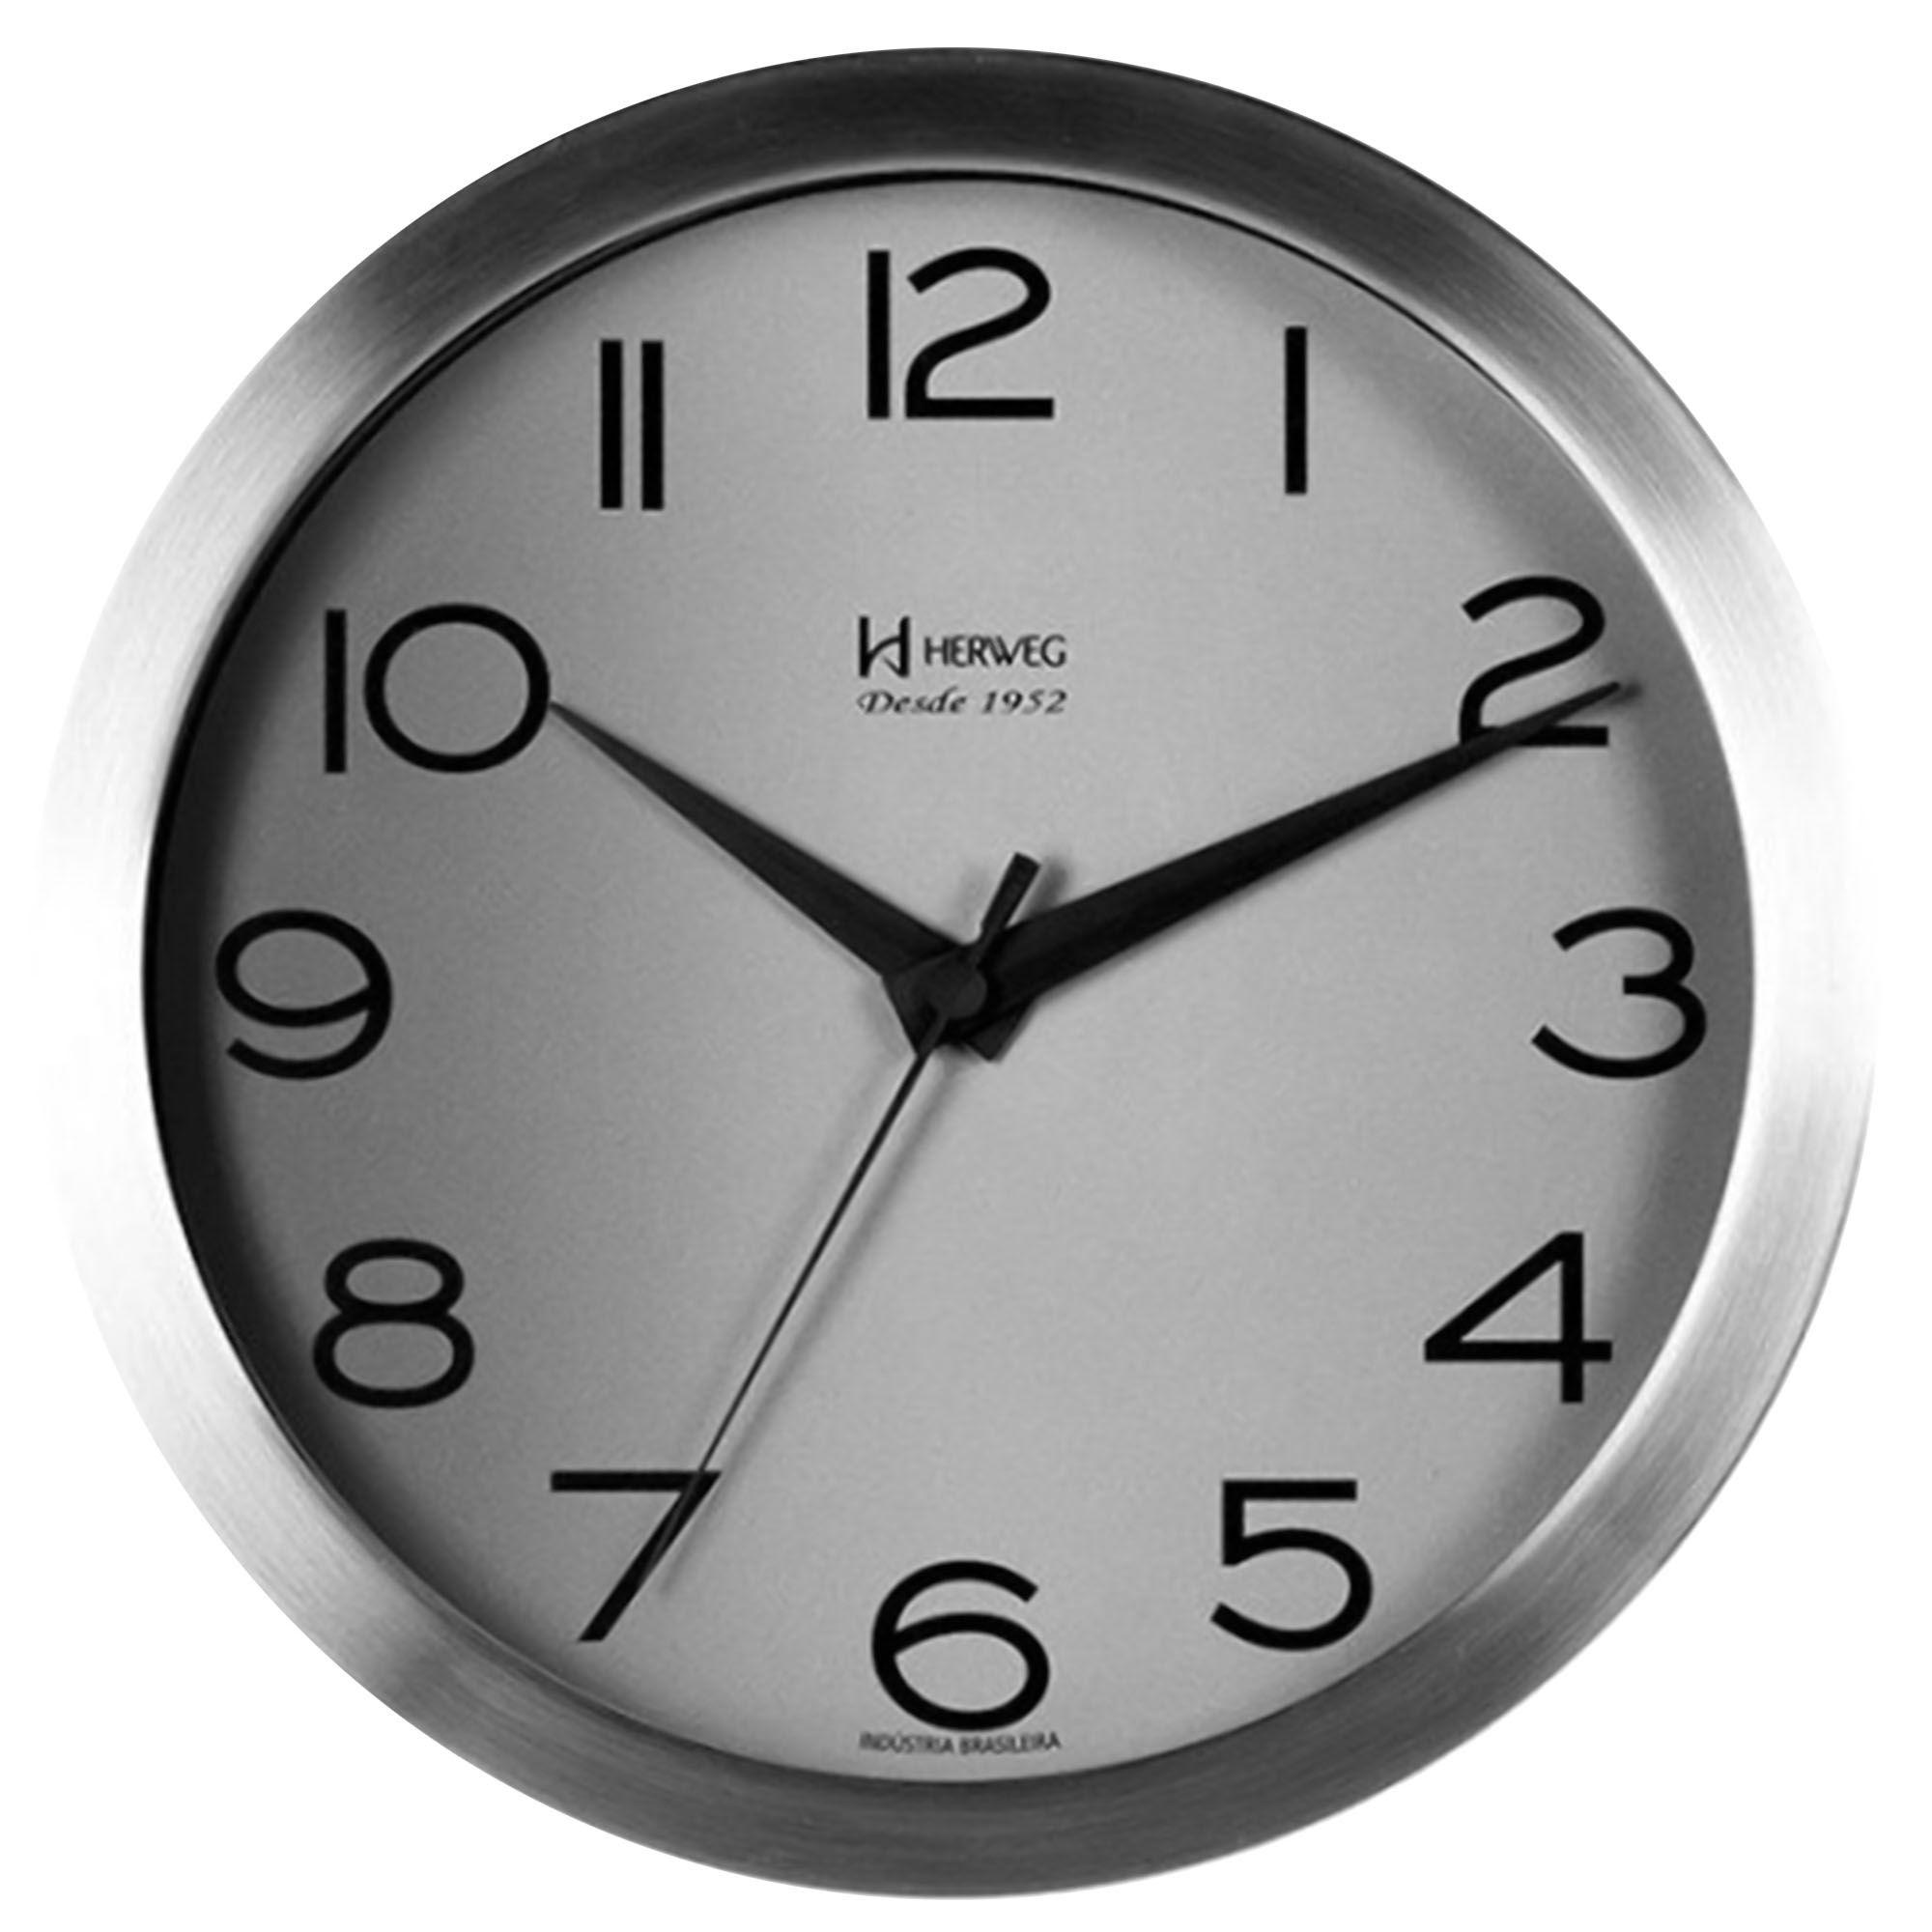 Relógio de Parede Analógico Herweg 6714 079 Alumínio